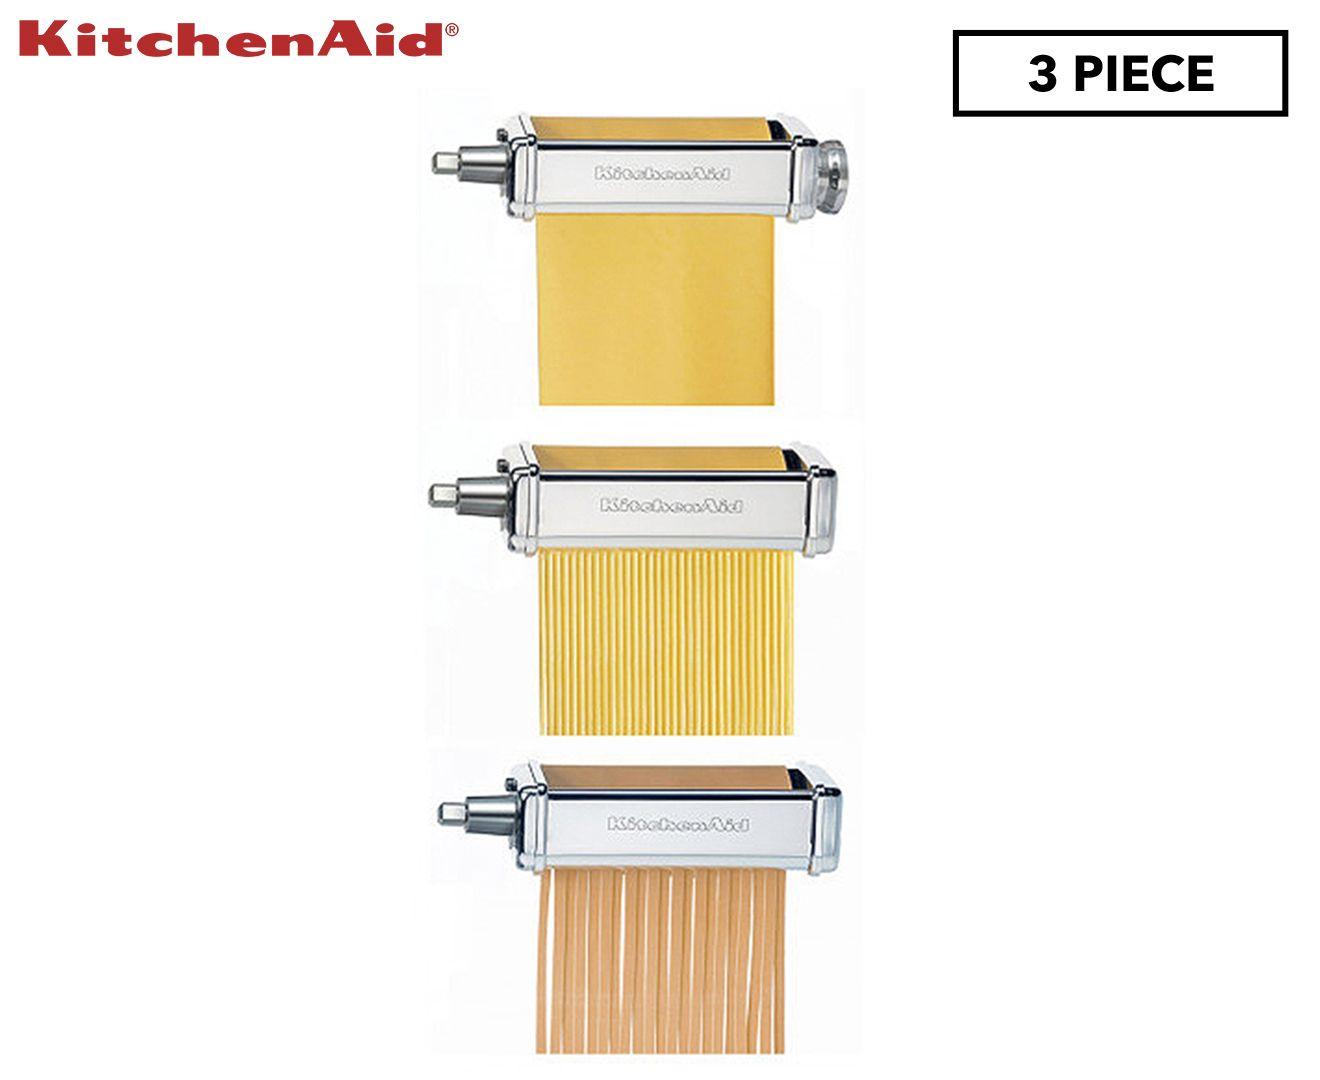 Kitchenaid 3piece pasta roller attachment kitchenaid